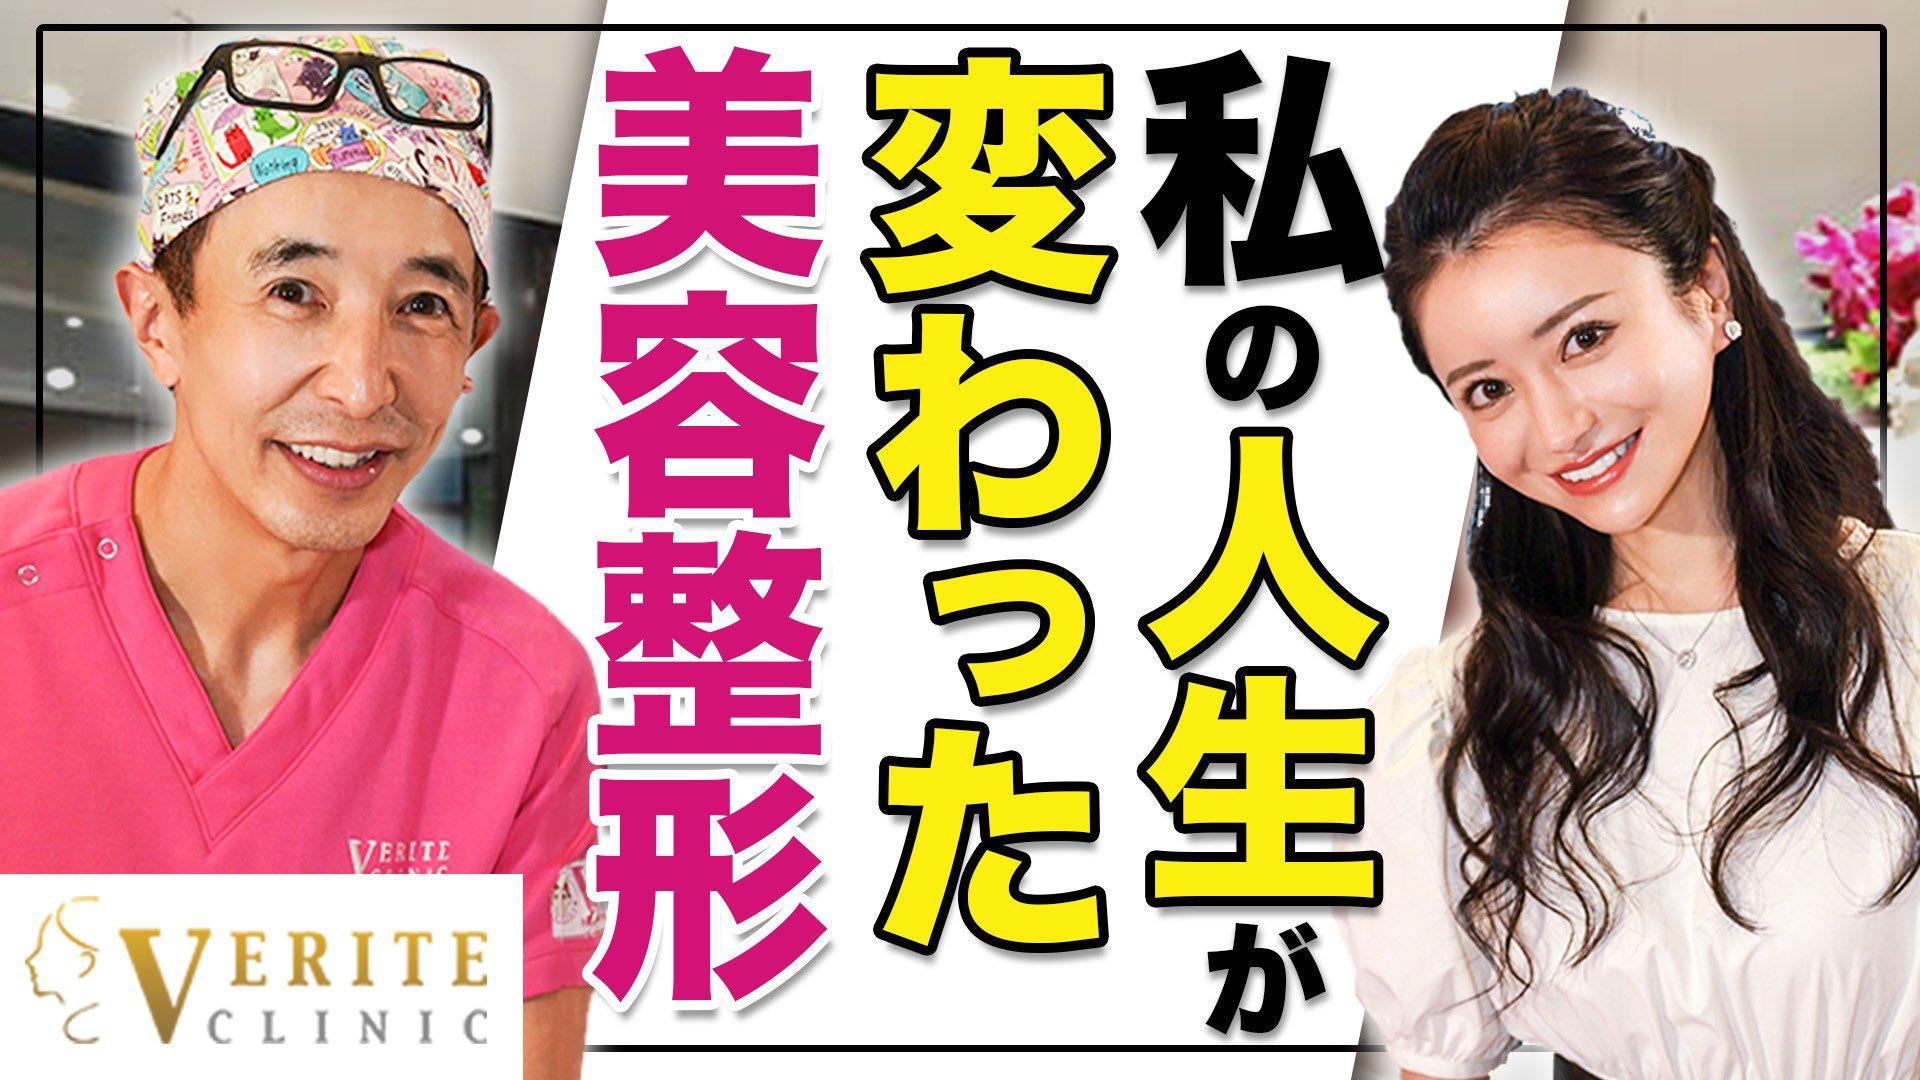 愛沢えみりさんと福田医師